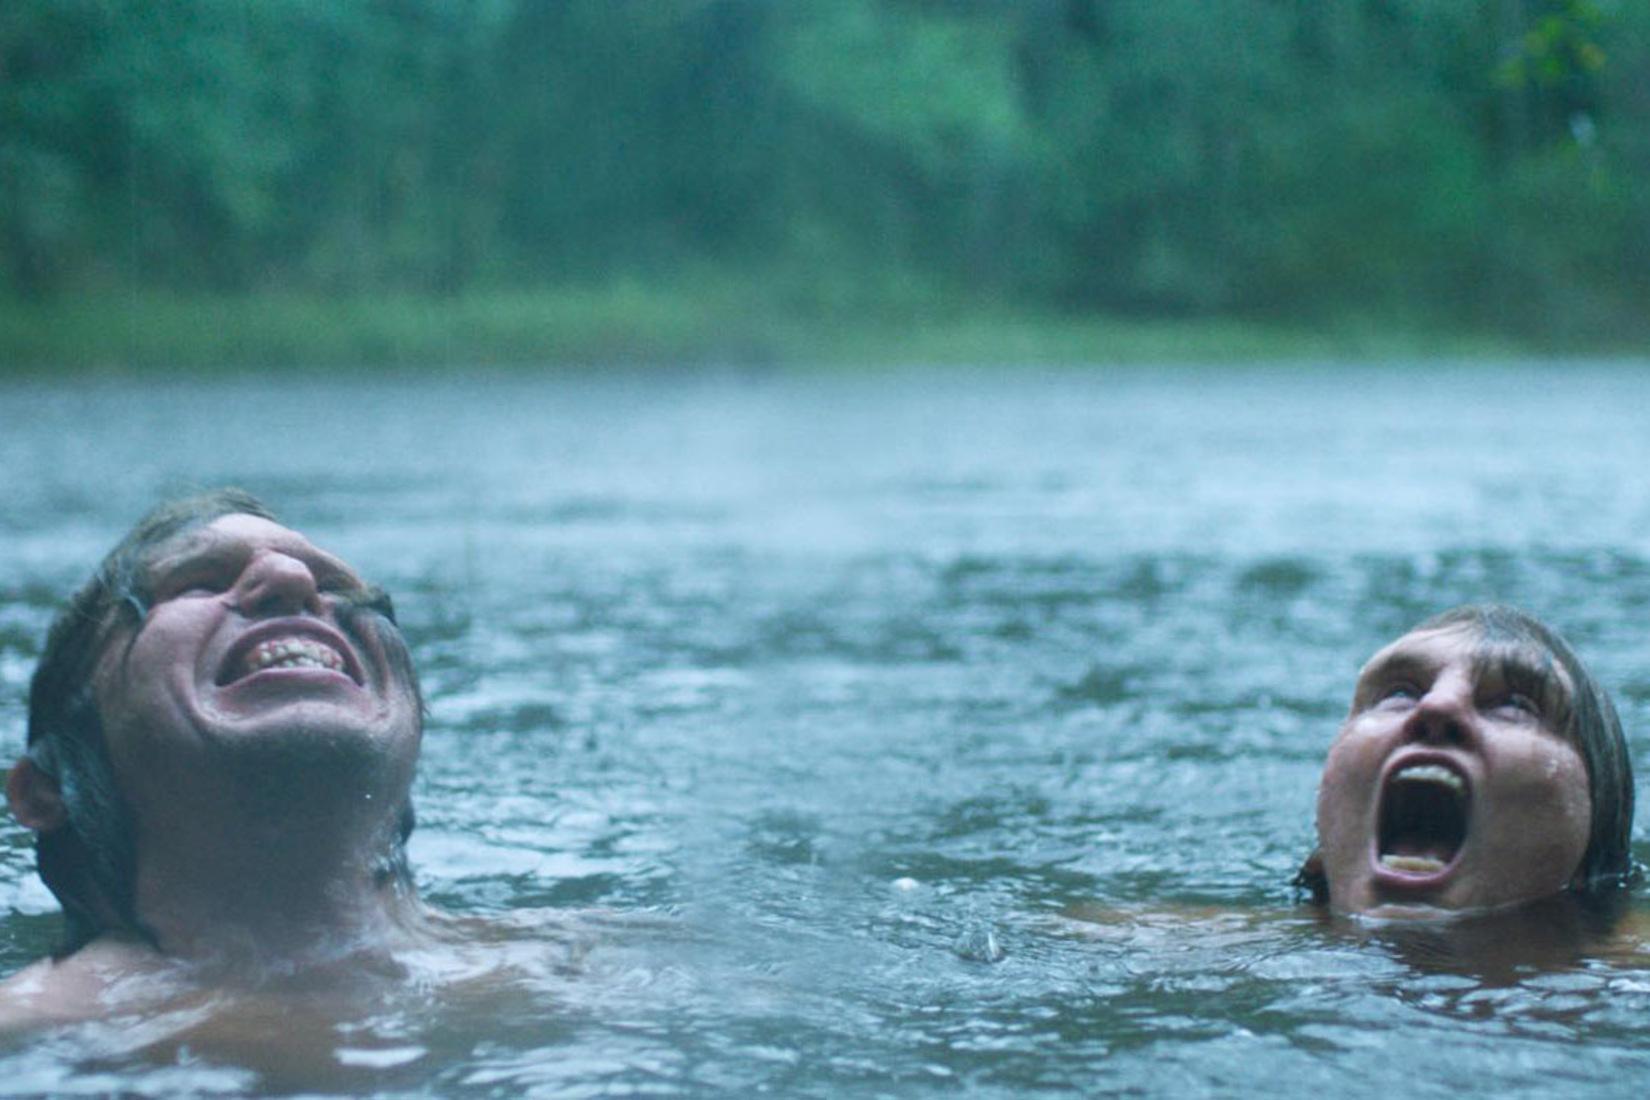 deux personnes dans l'eau : leur tête à la surface, ils selent criés et ont des visages presques diformes